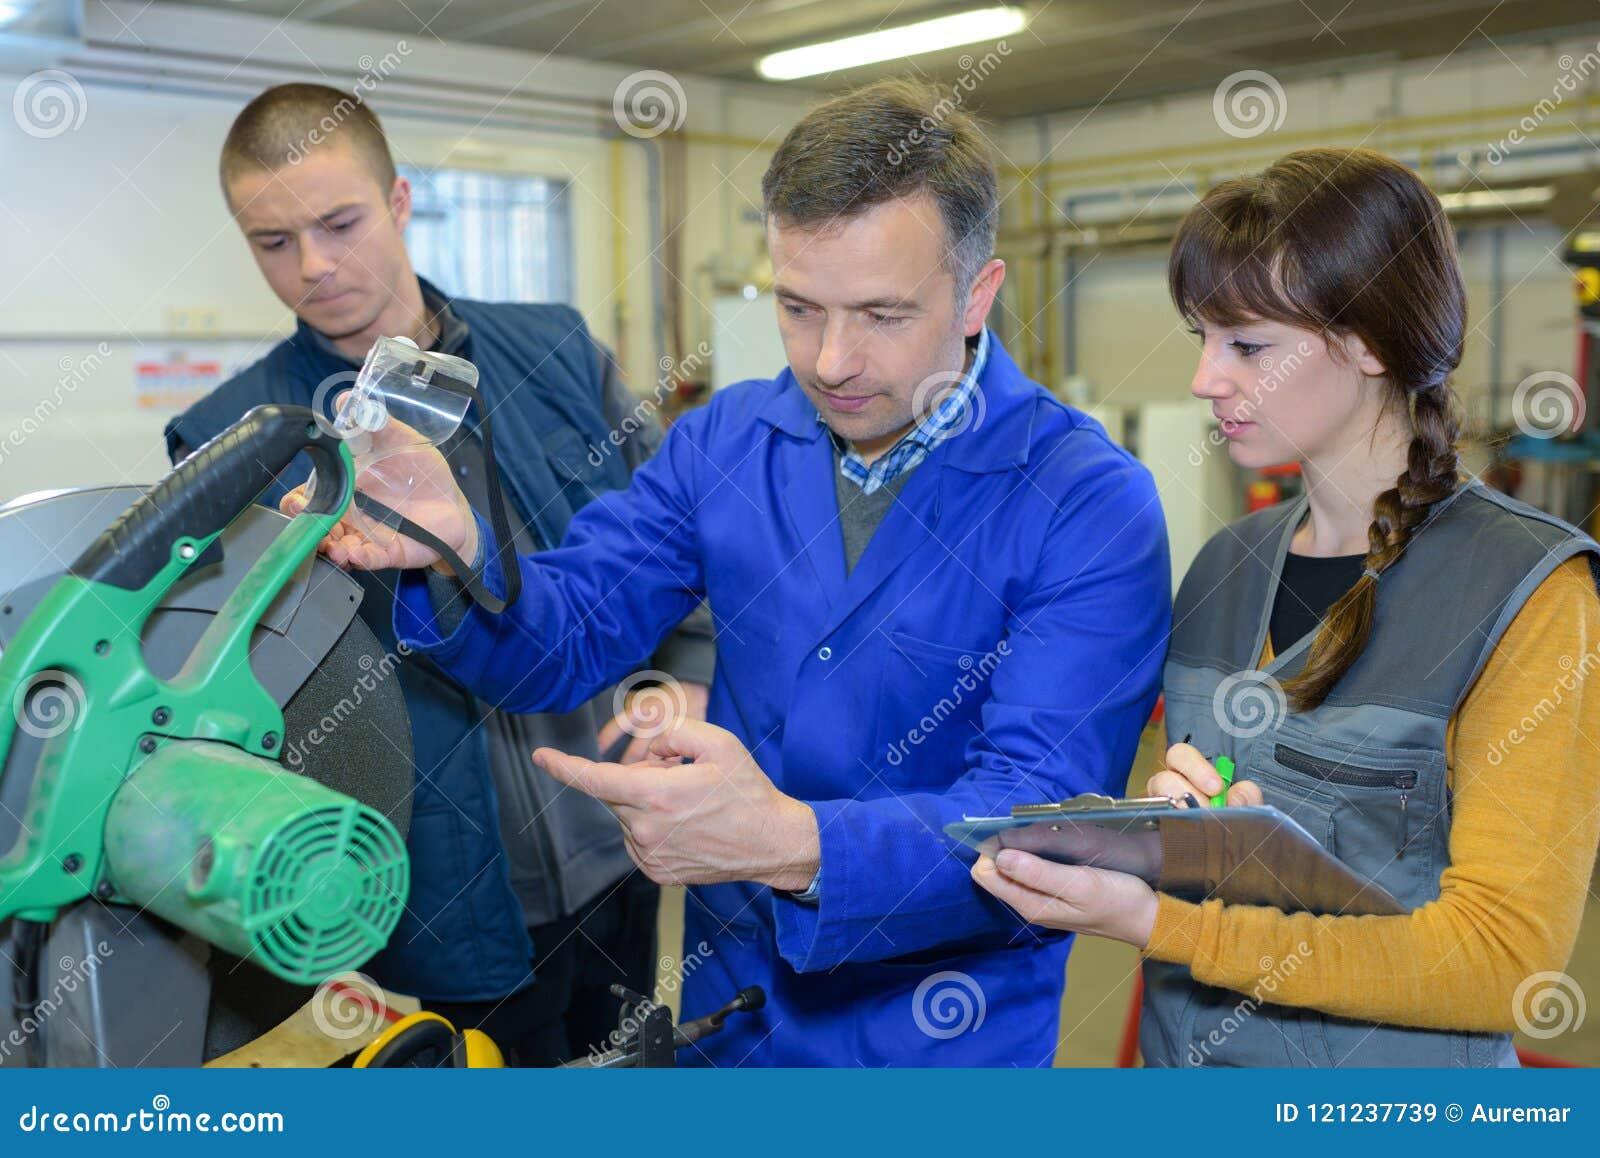 Σπουδαστής στην κατηγορία σιδηρουργείων που χρησιμοποιεί το κυκλικό πριόνι